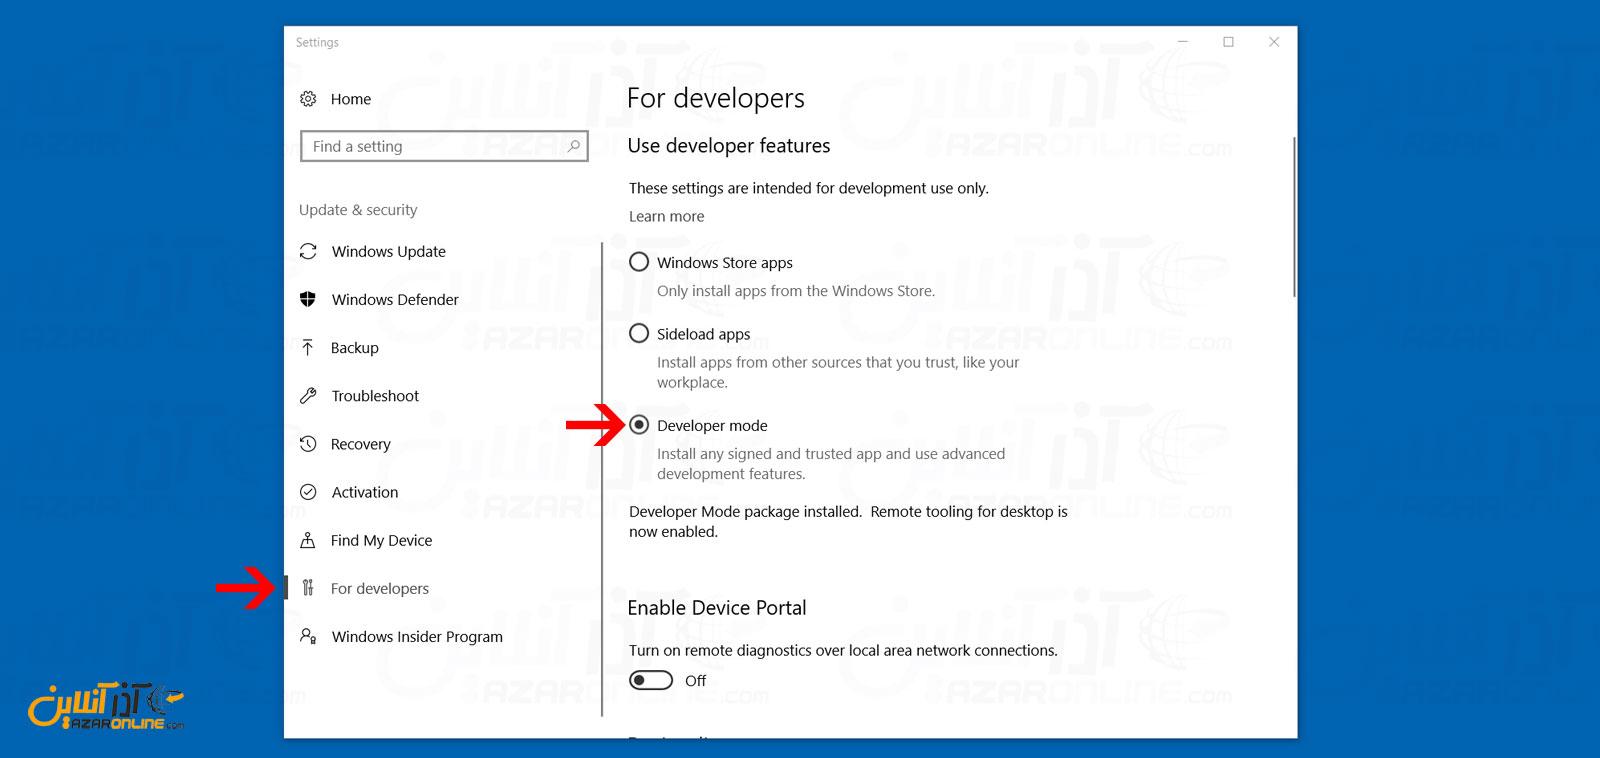 تنظیم ویندوز بر روی حالت Developer